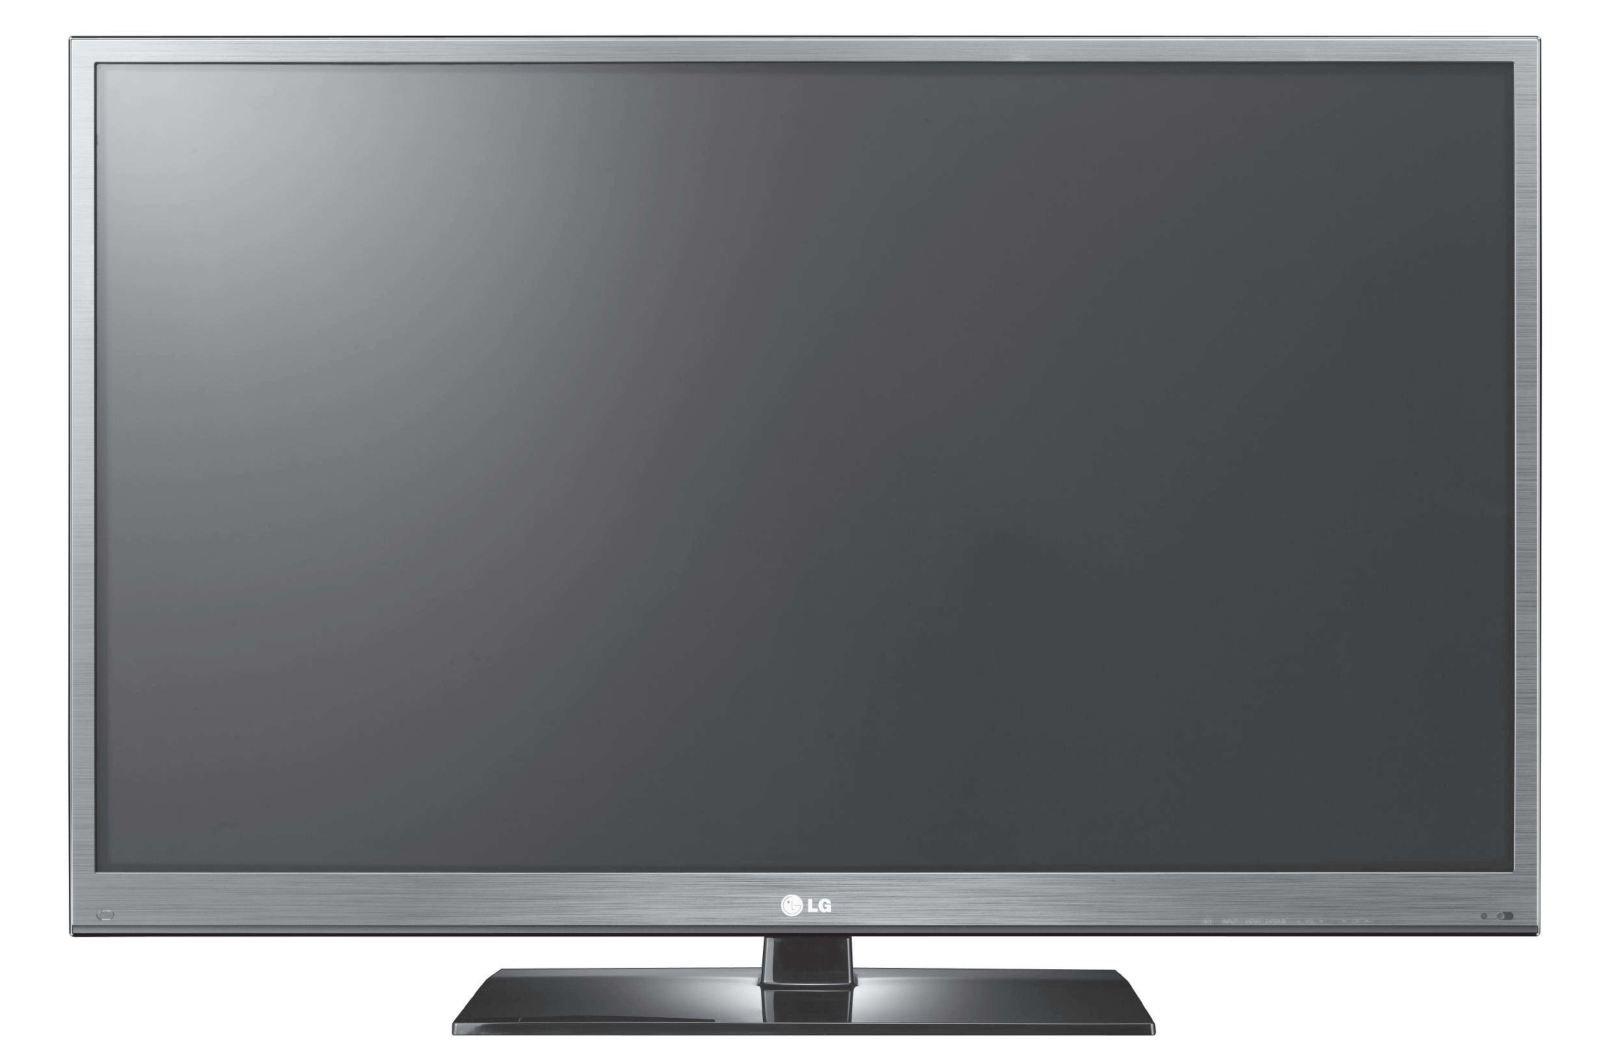 LG 42PW451 panel de plasma - Pantalla de plasma (106,68 cm (42